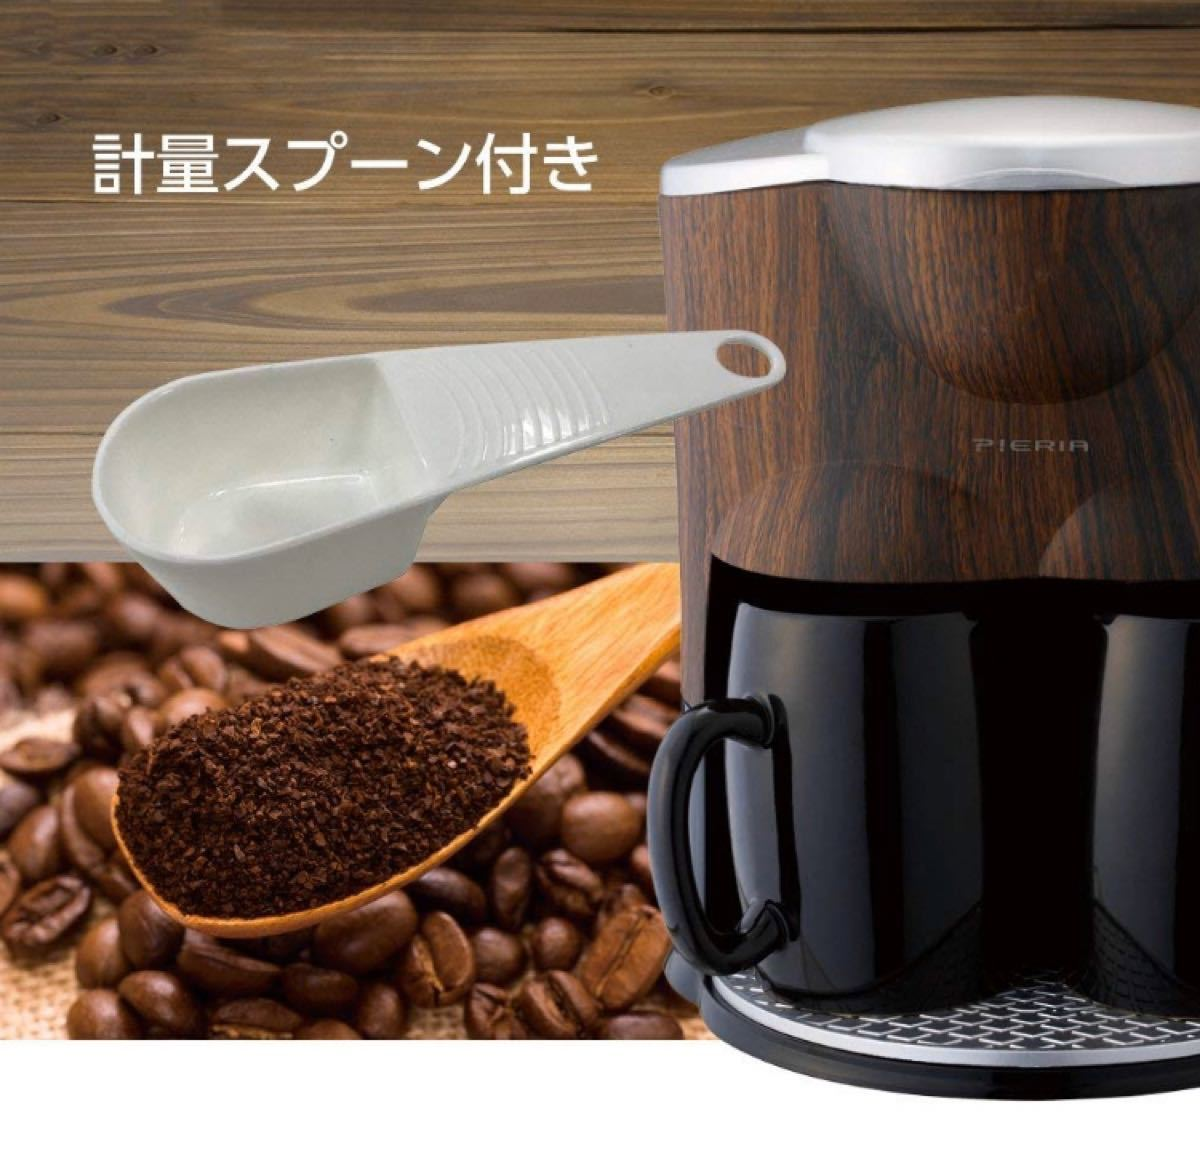 ドウシシャ ピエリア コーヒーメーカー 2カップ ドリップ式 木目調 新品